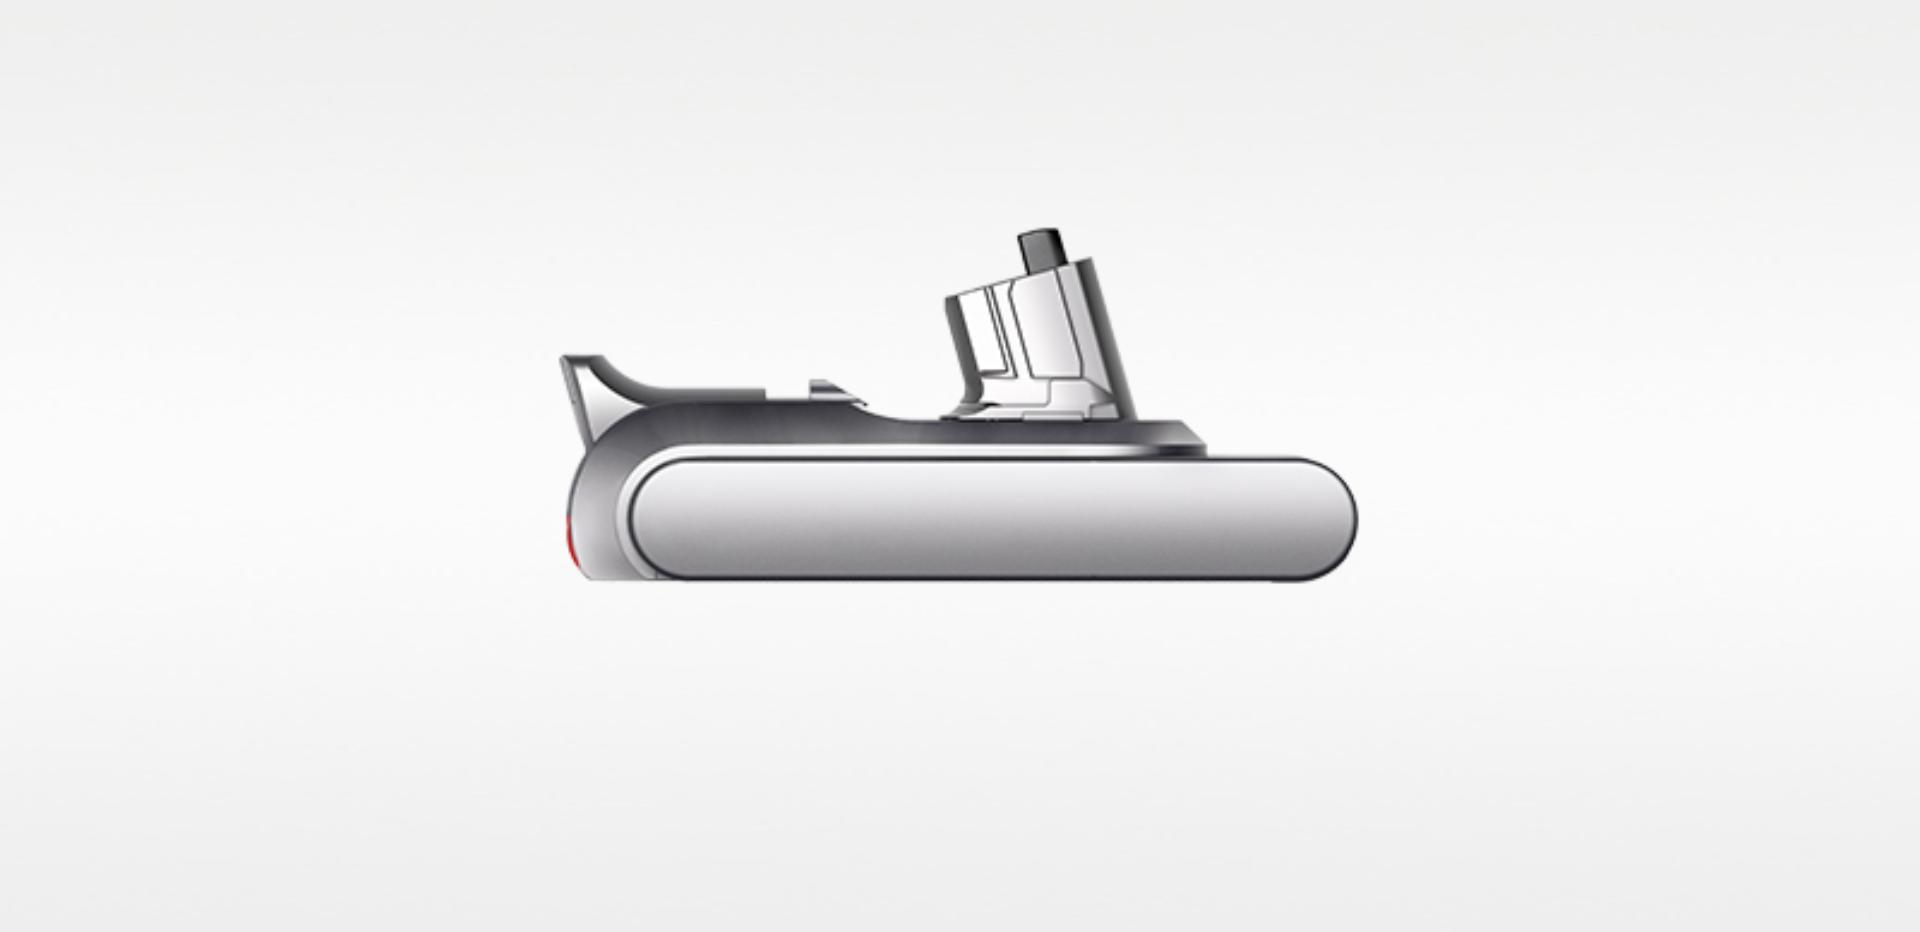 Wymienny akumulator do odkurzacza Dyson V11